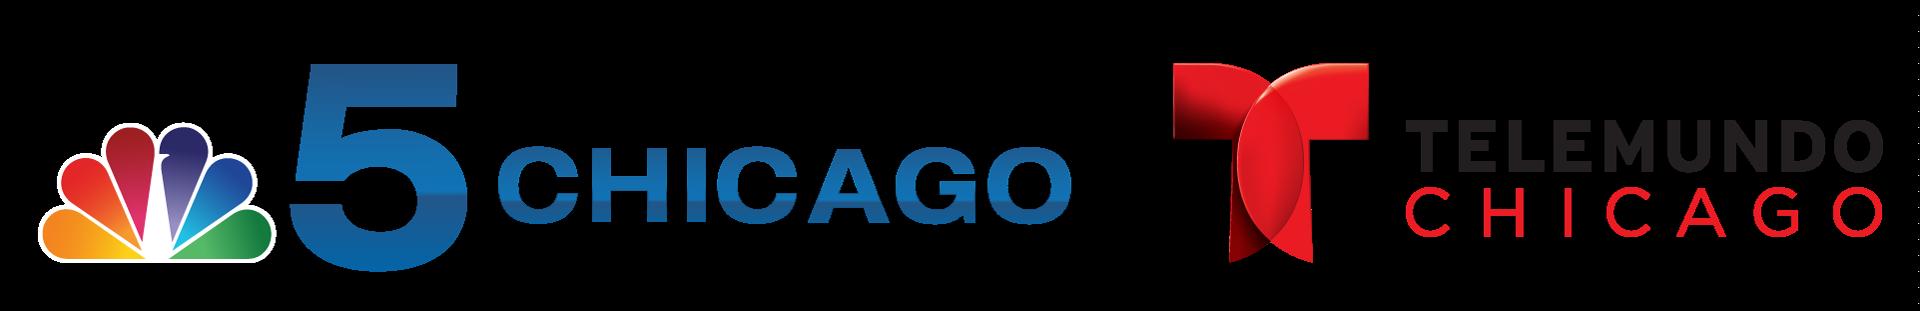 5_Chgo_blue_Telemundo-H-2.png